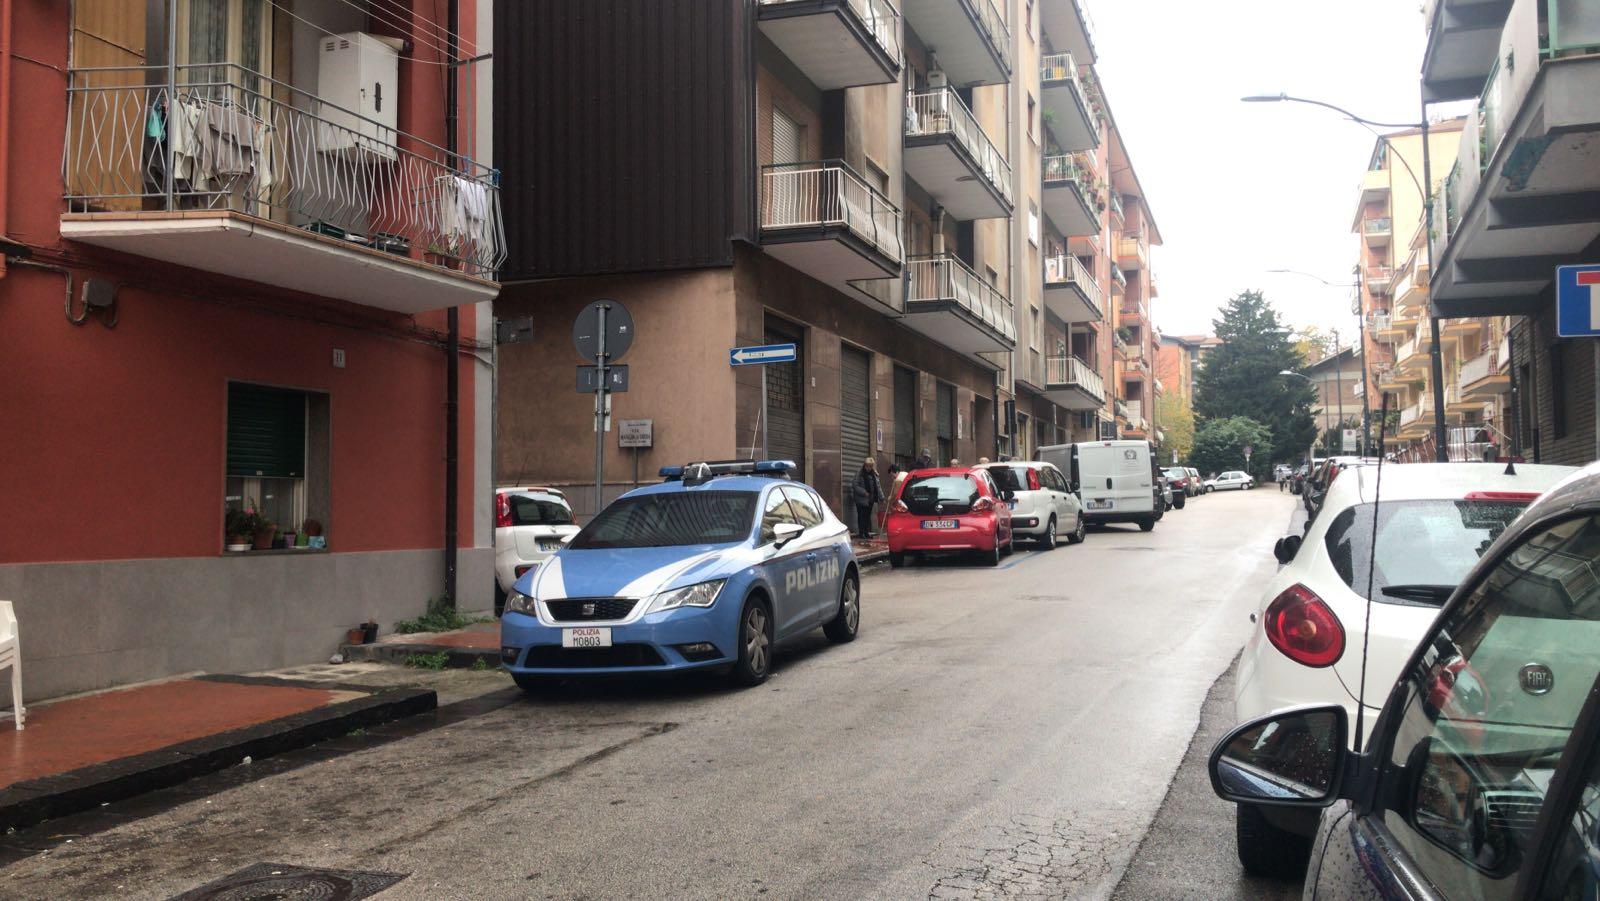 Secondo suicidio in poche ore: 50enne di Pastena si spara alla testa